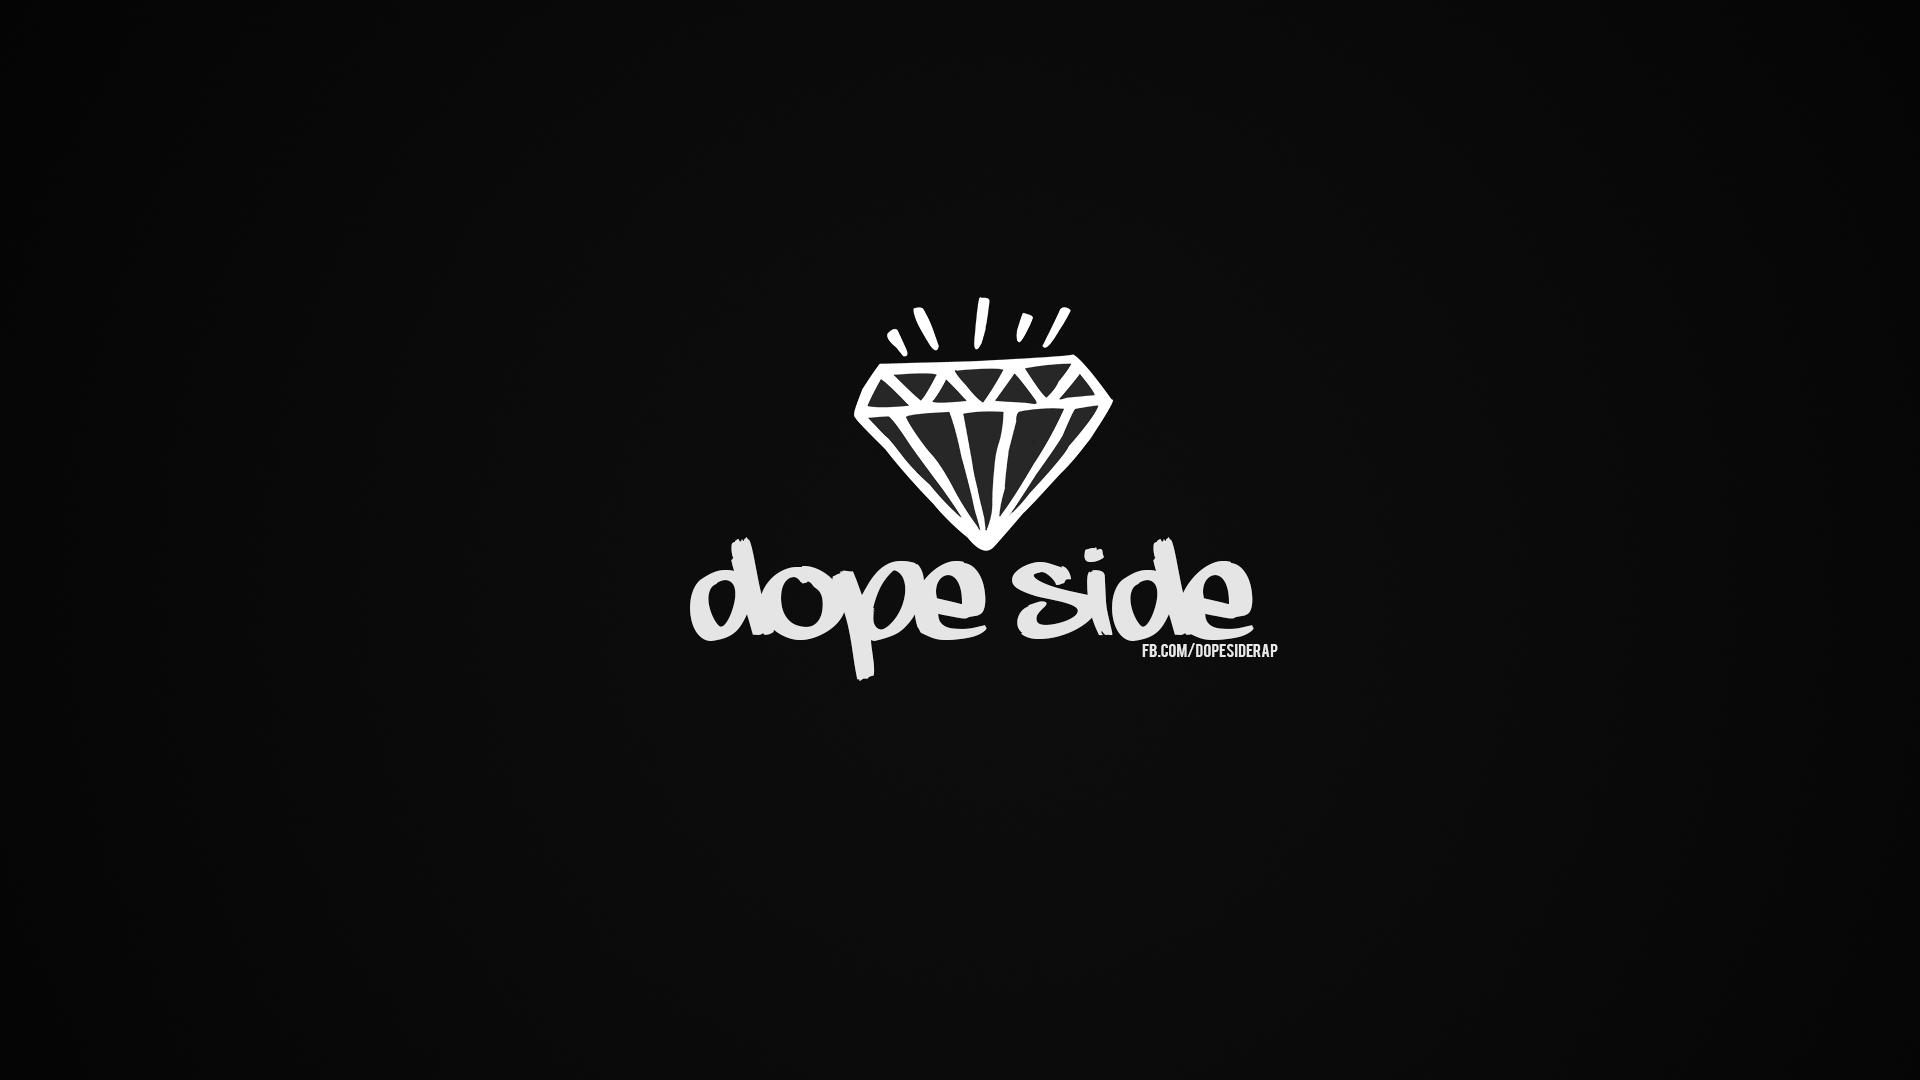 dope side rap wallpaper 3 by tuhcaldas fan art wallpaper other 2012 1920x1080